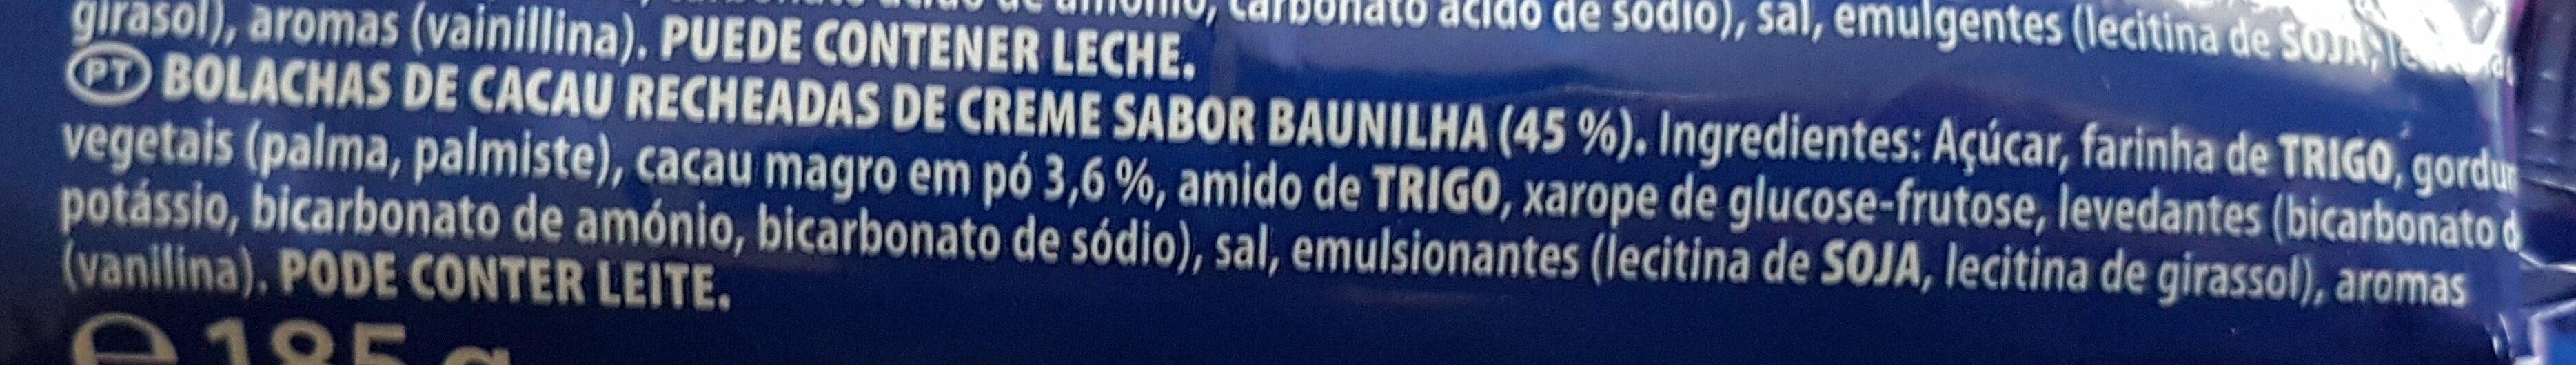 Oreo - Double creme - Ingredientes